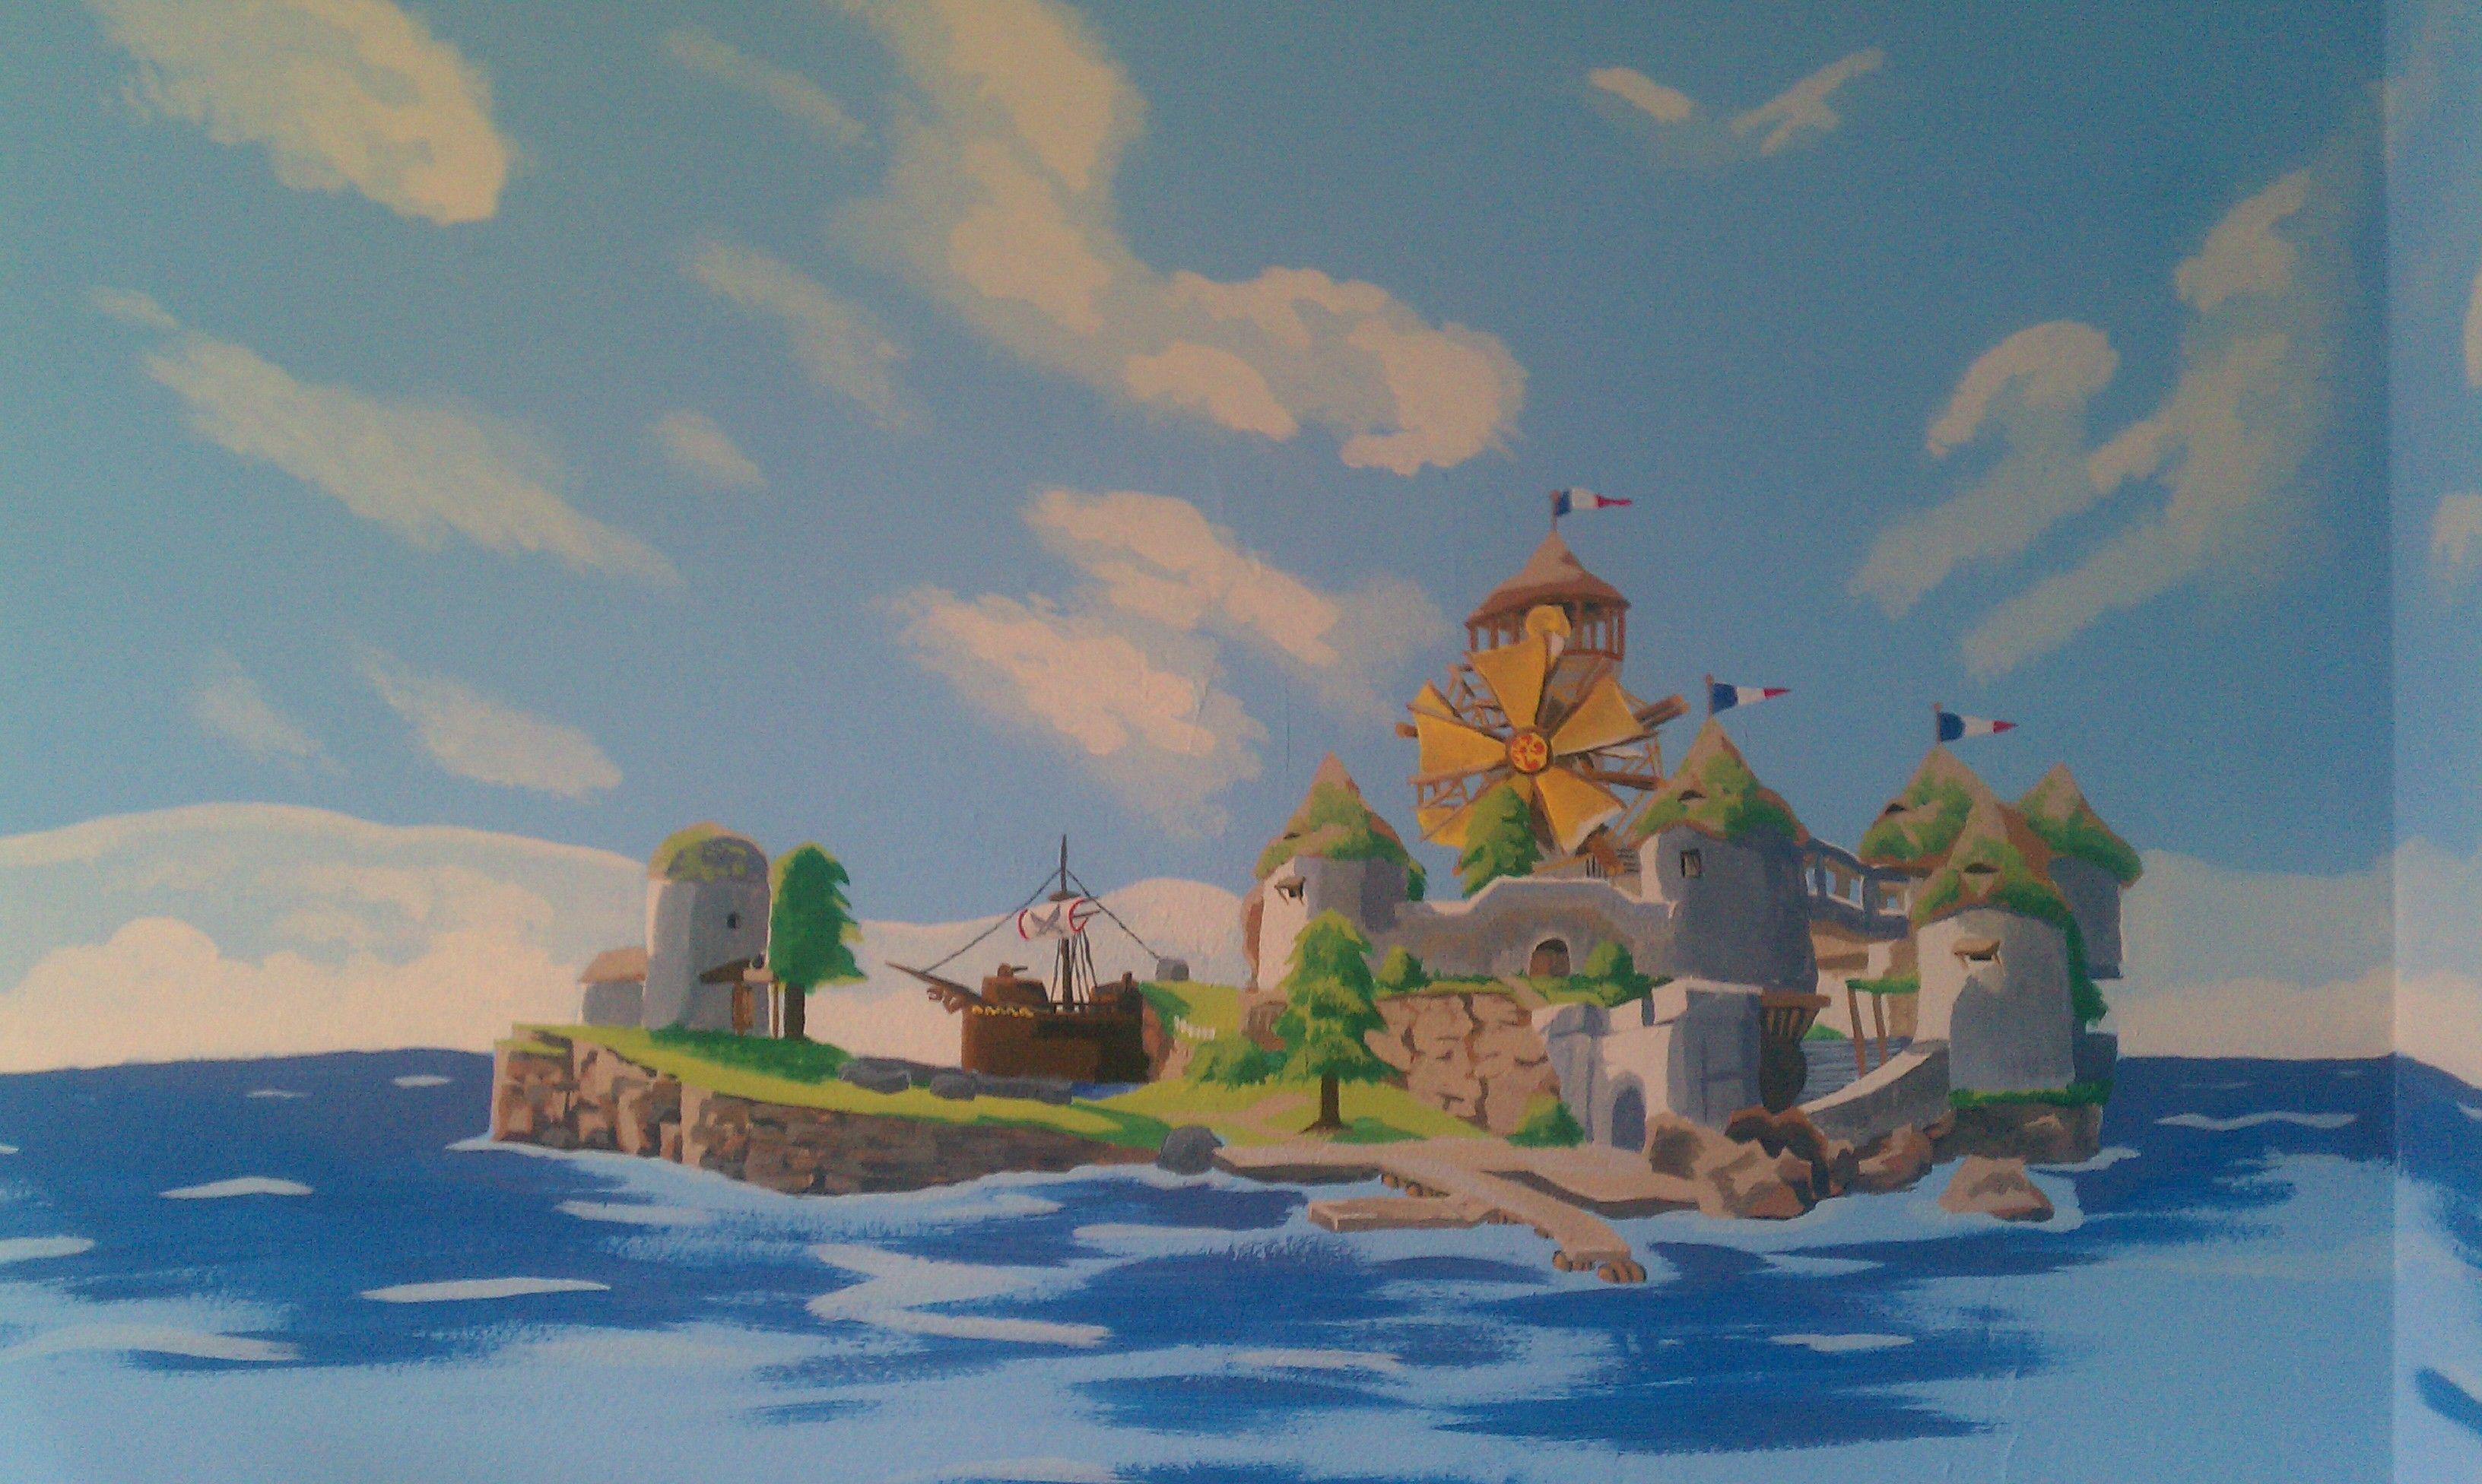 Windfall Island nursery mural | Hyrule | Legend of zelda